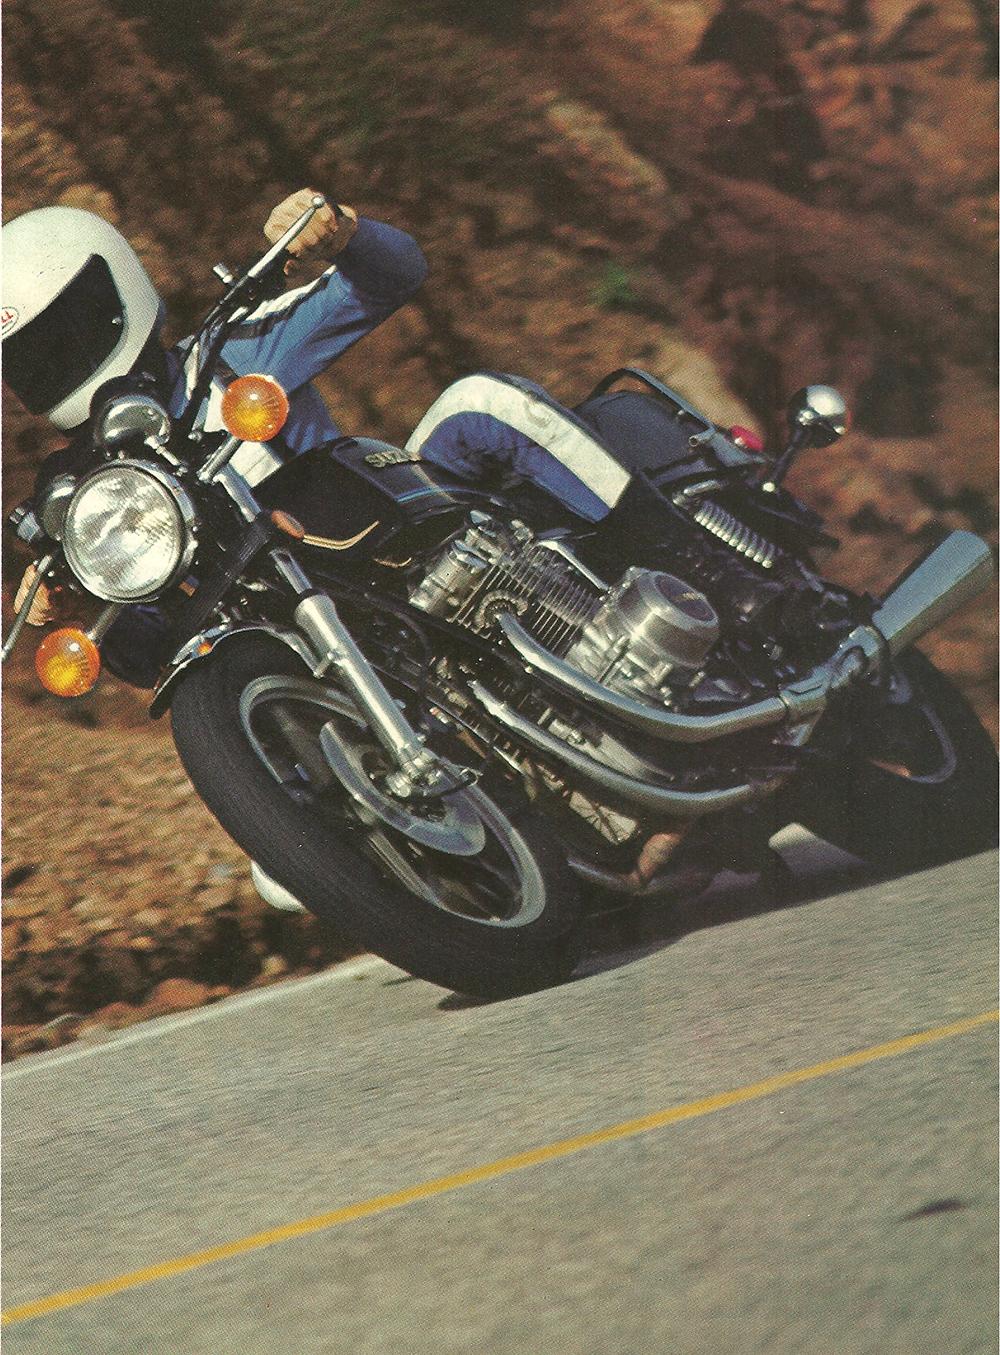 1979 Suzuki GS1000E road test 02.jpg